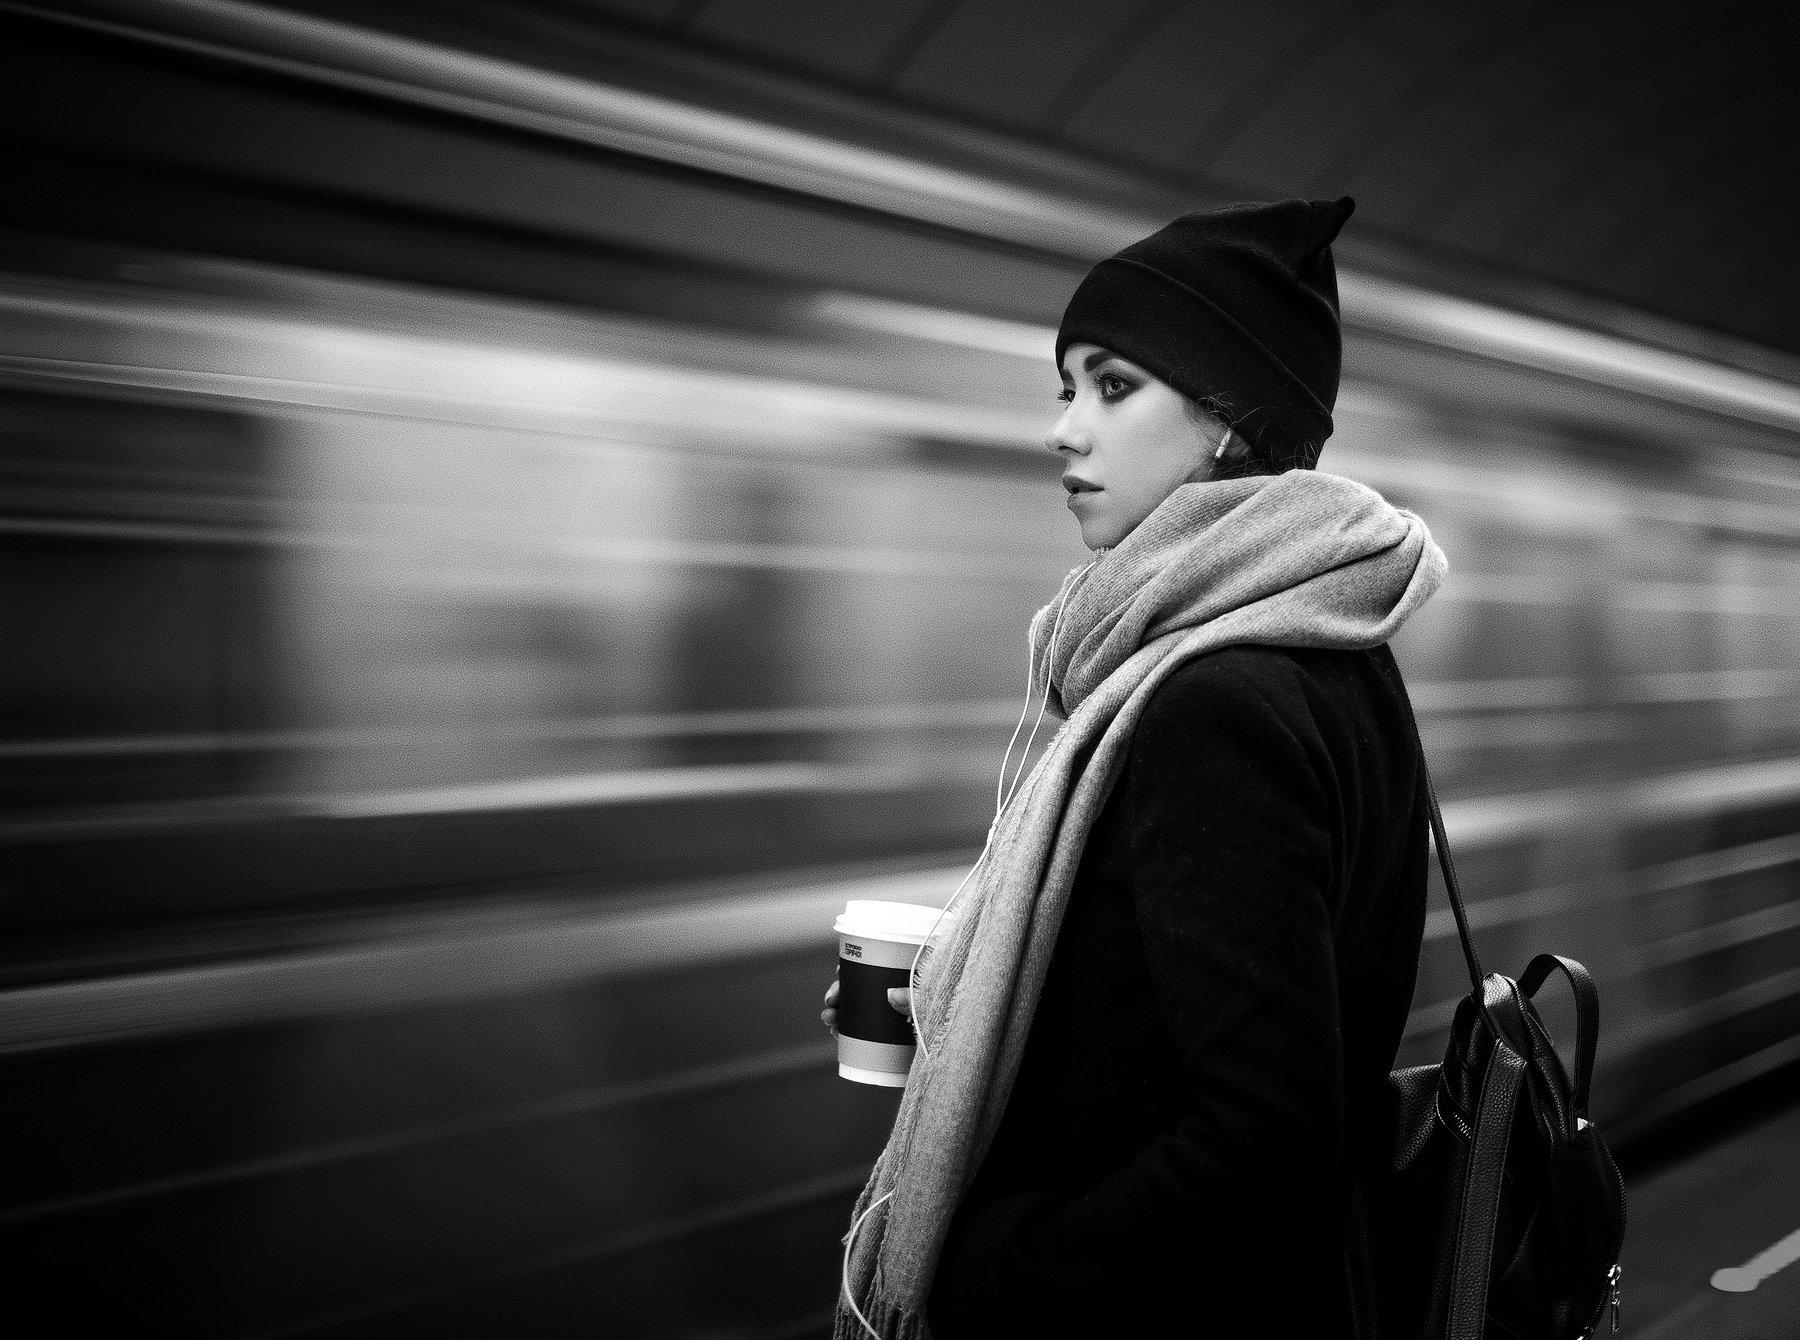 портрет, черно-белое, метро, город, Георгий